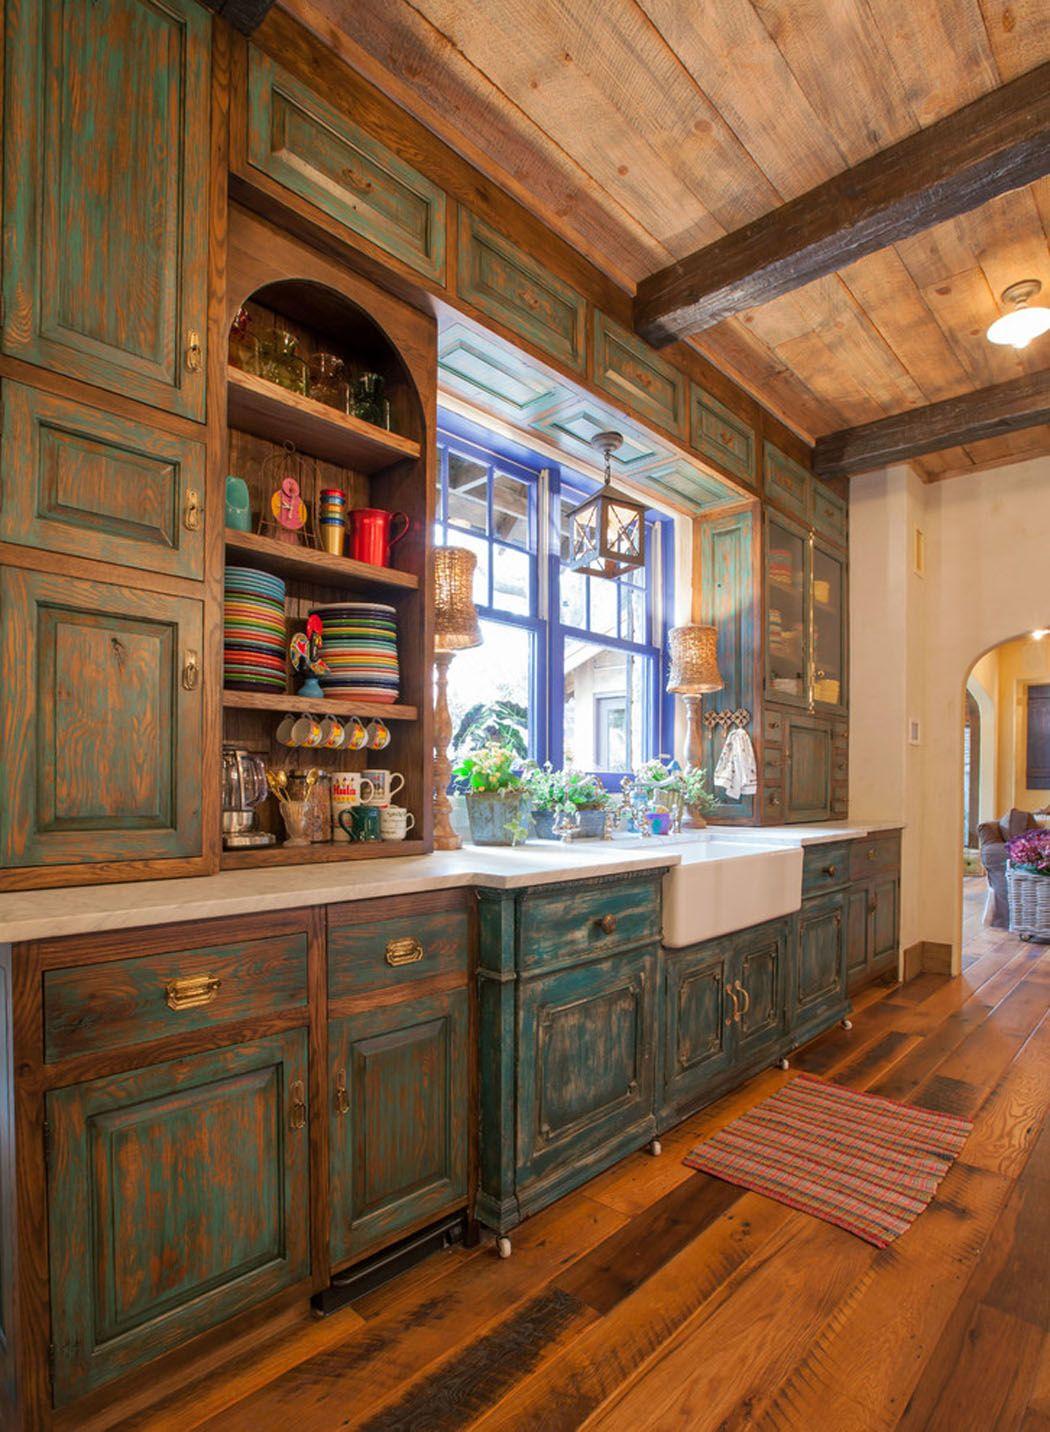 Maison rustique l int rieur en bois et ambiance bien for Cuisine conviviale